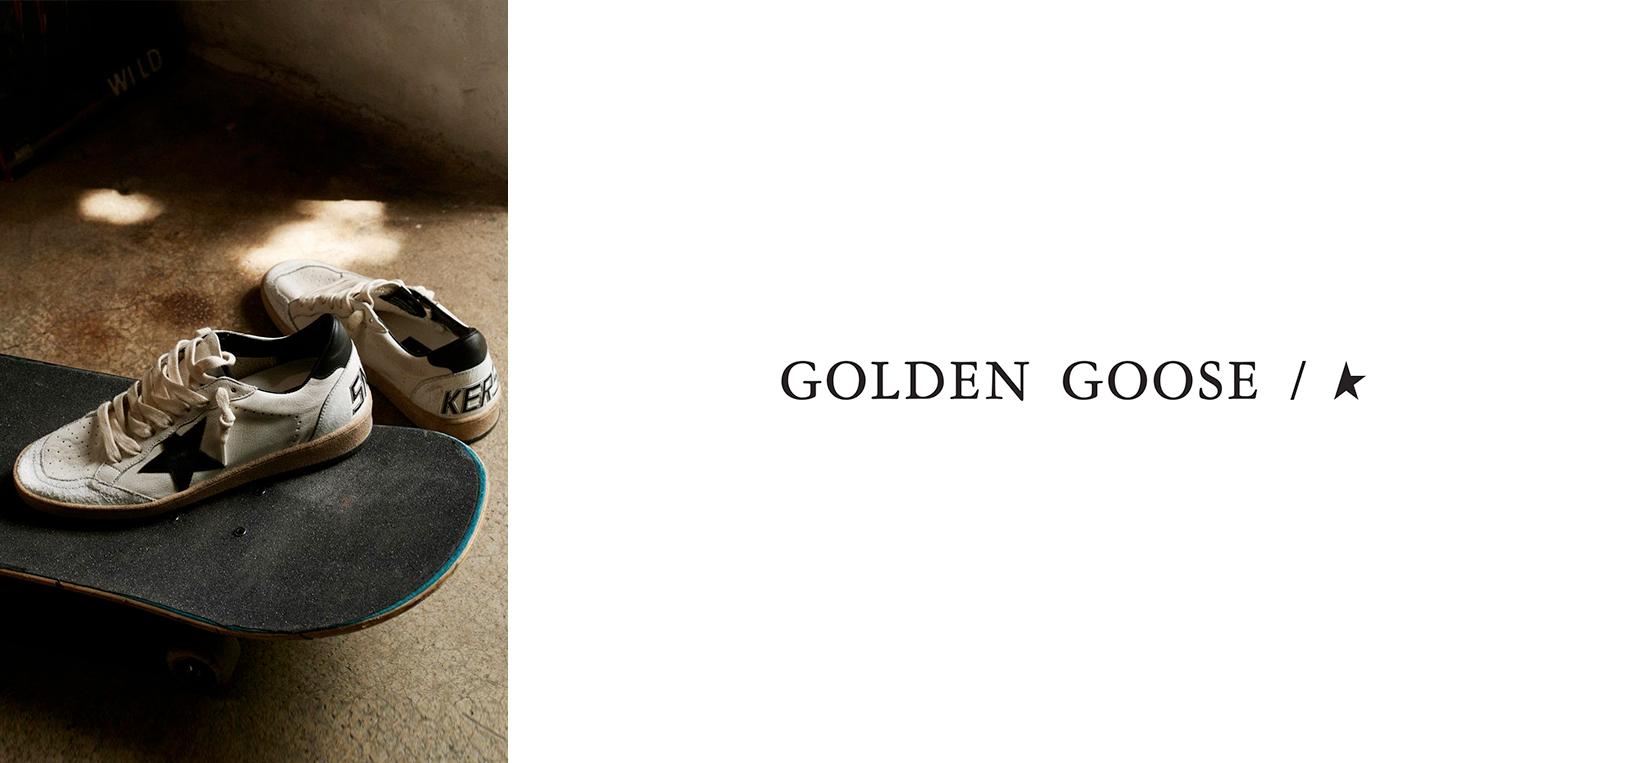 GOLDEN GOOSE - Uomo - Scarpe - Leam Roma